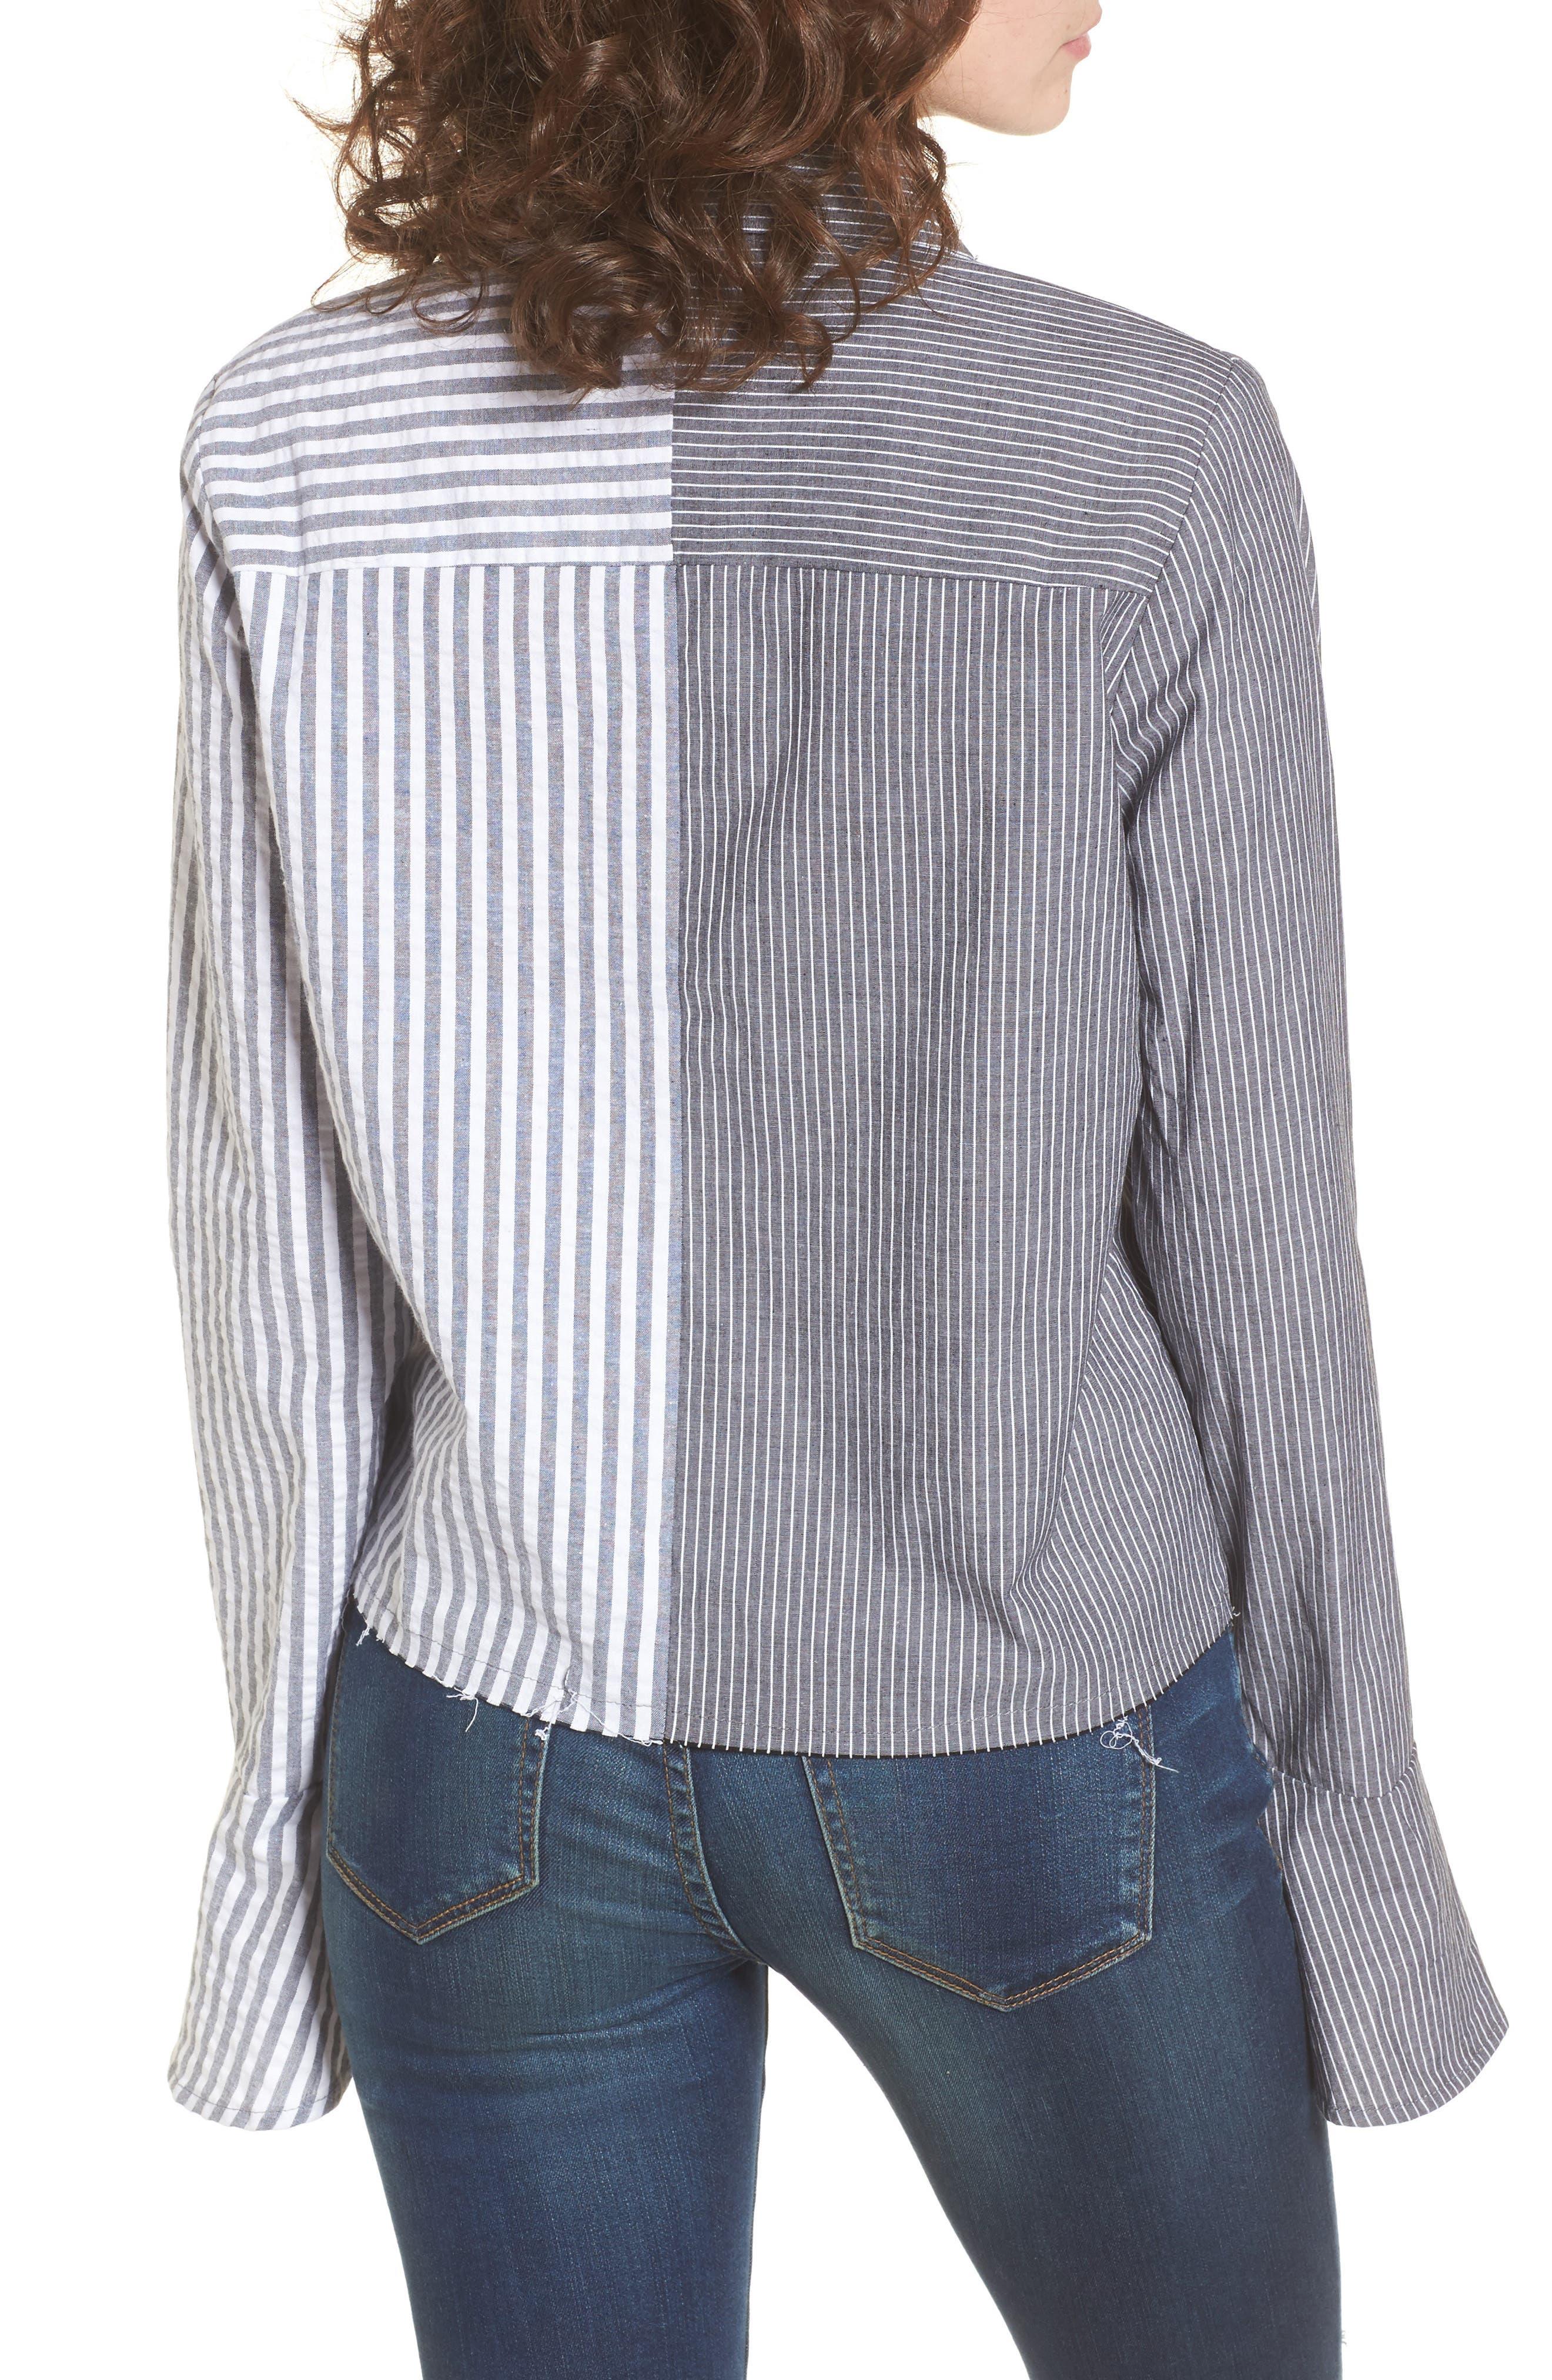 Mismatch Stripe Shirt,                             Alternate thumbnail 2, color,                             020